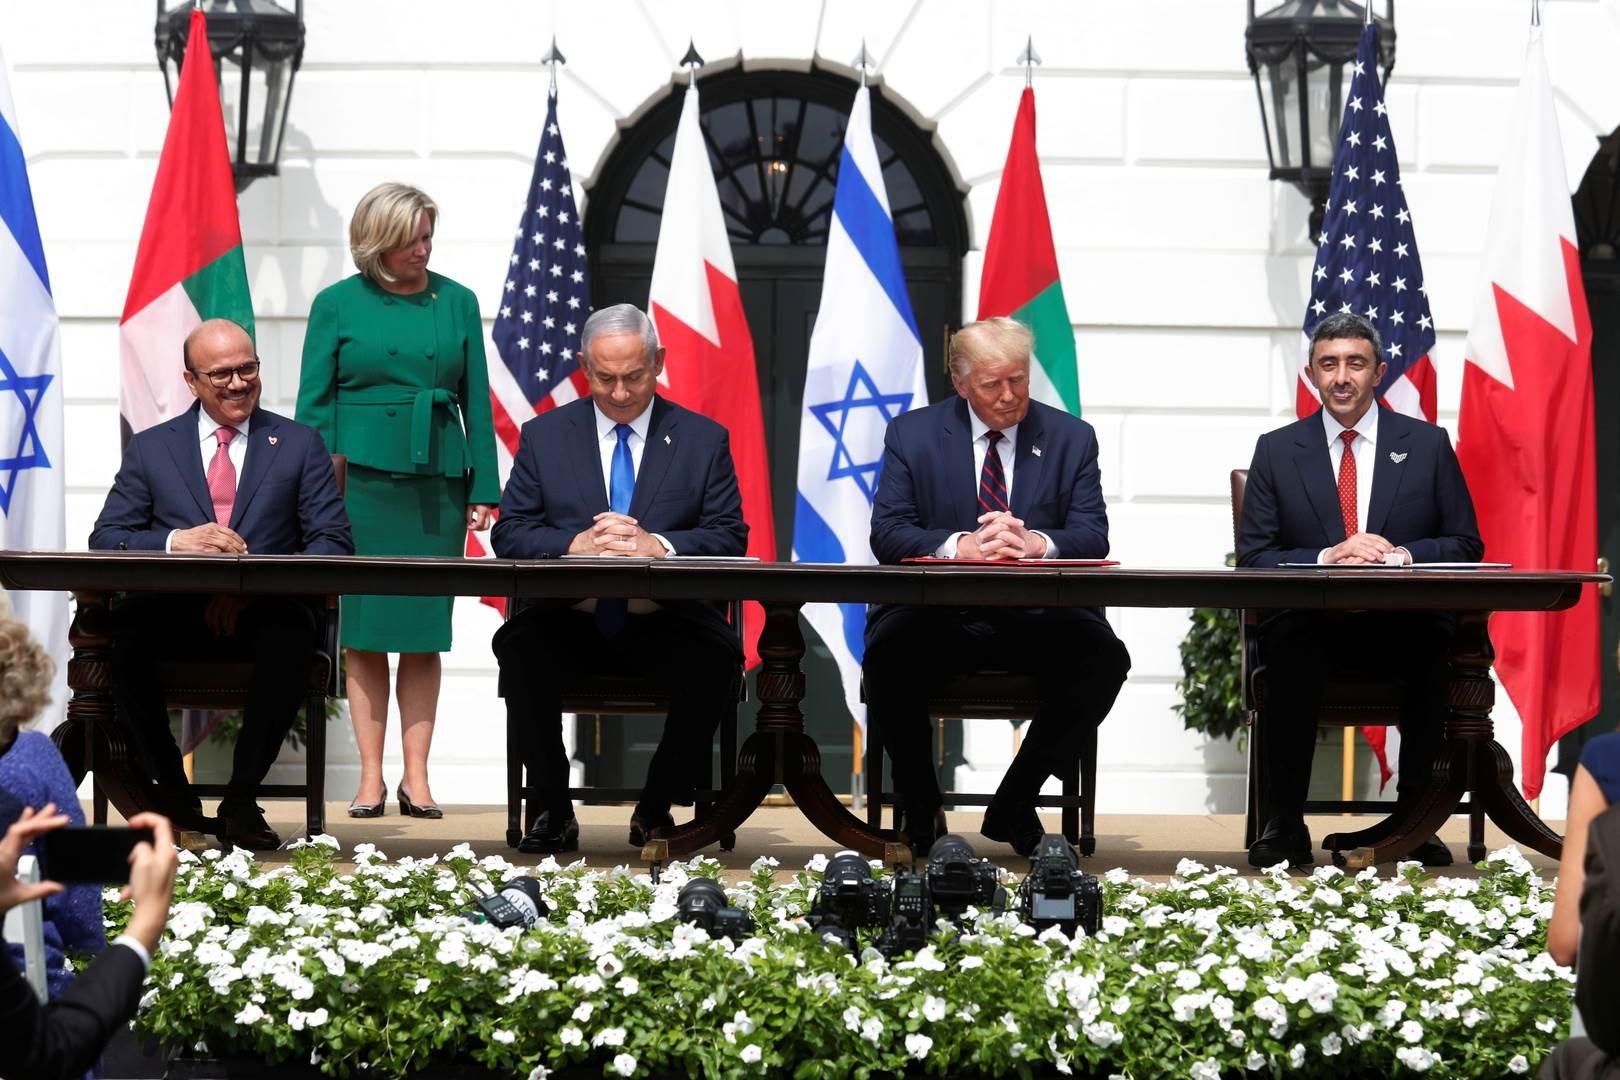 خلف صورة التّطبيع فشل إسرائيليّ جديد